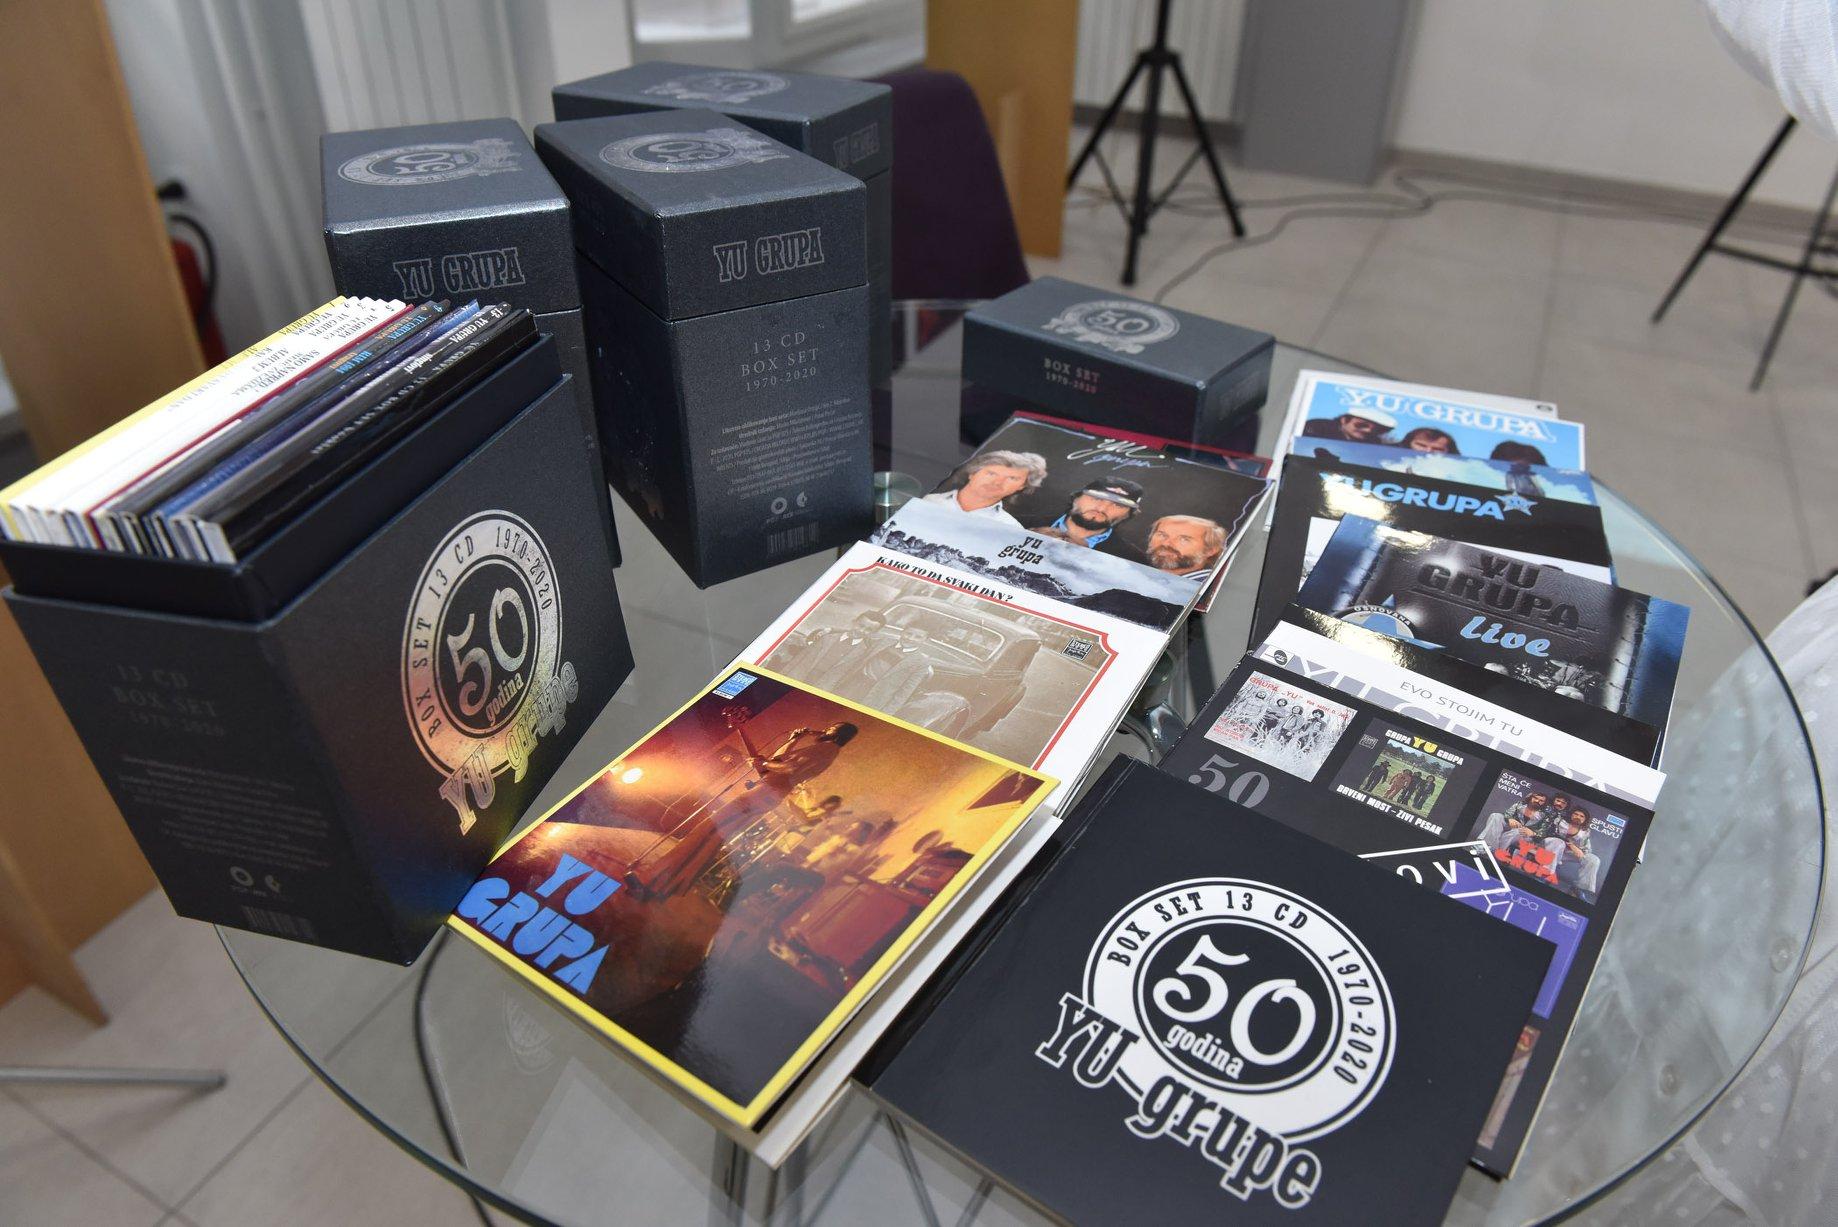 JU grupa obeležila 50. rođendan novom kolekcijom albuma